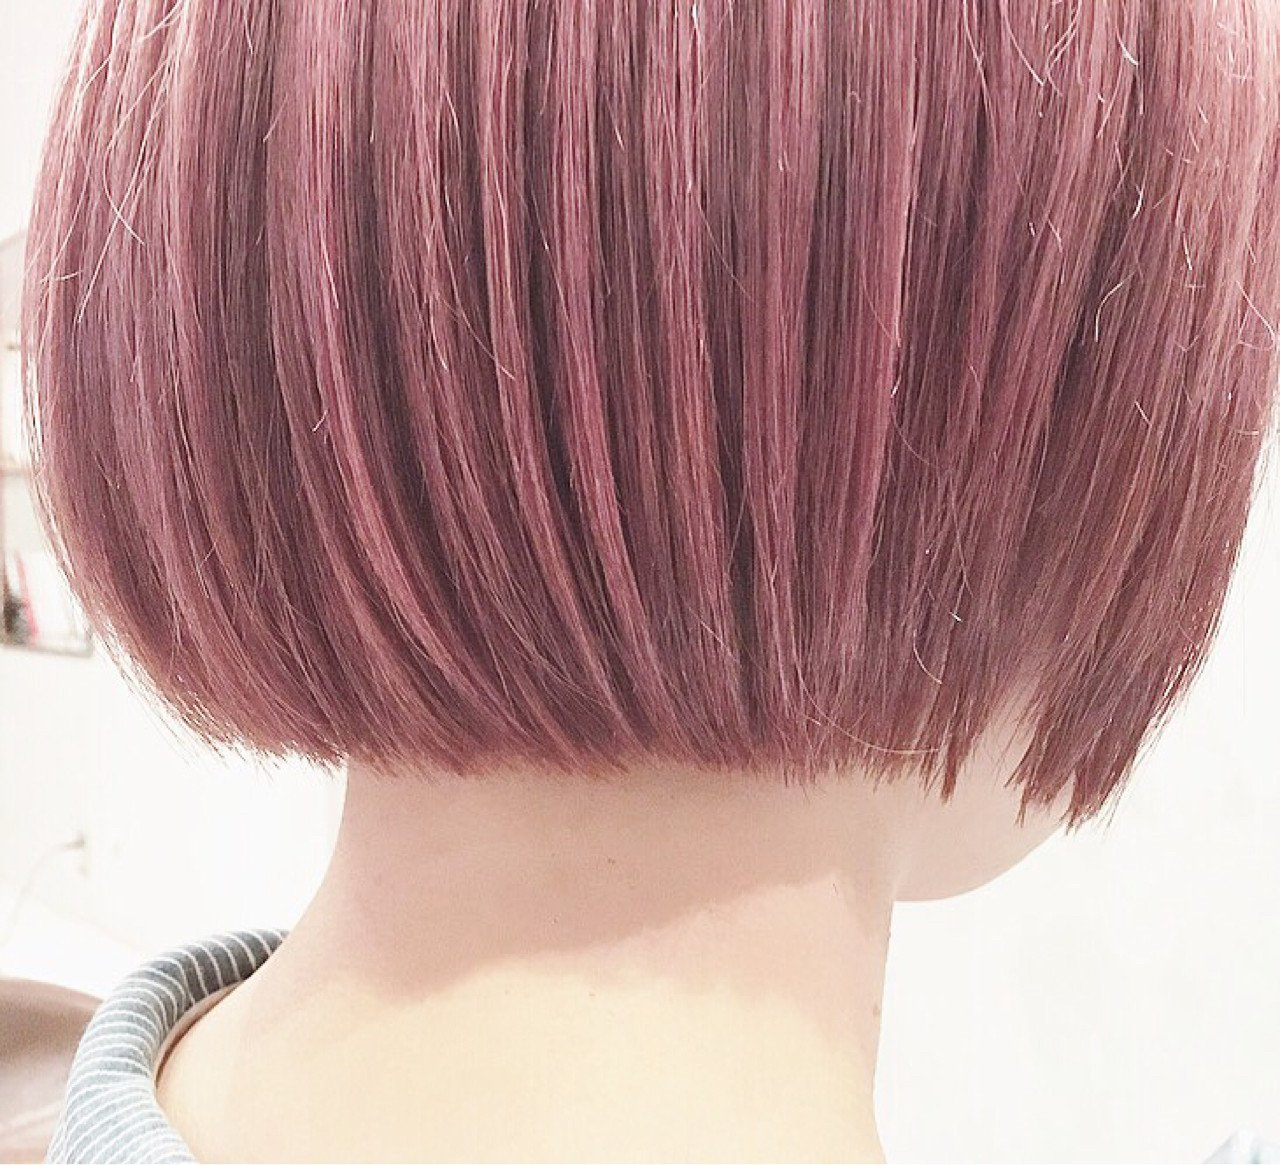 img 5a1a7e894f02d - 市販のヘアカラーを上手く使えばとてもオシャレになれる!